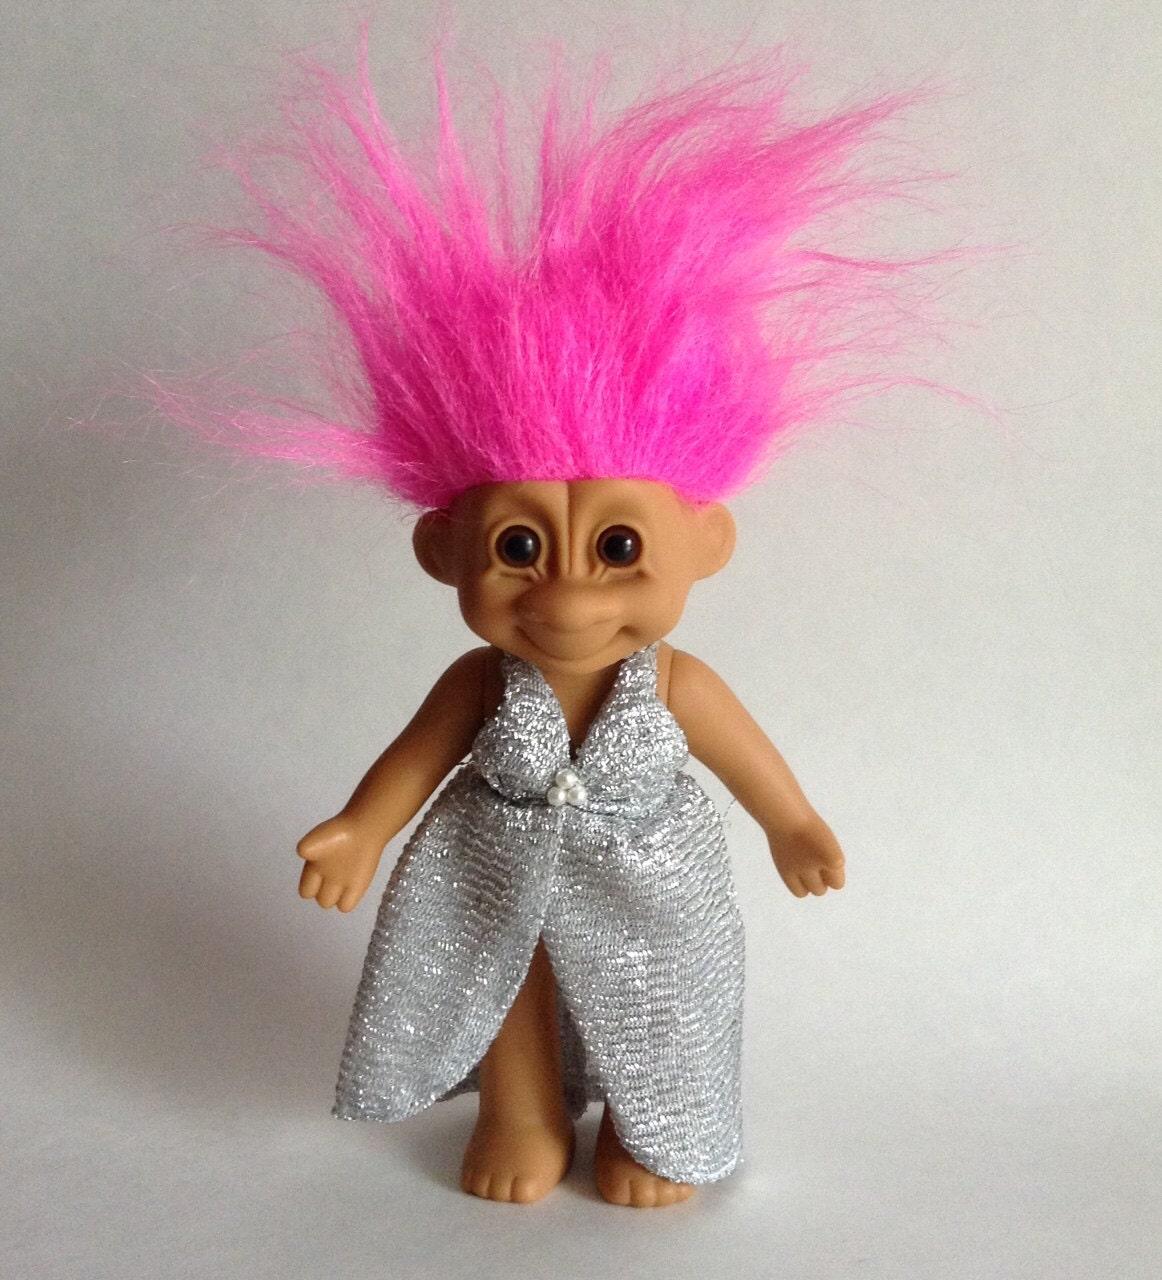 Troll Doll Vintage Troll Dolls Good Luck Charm By